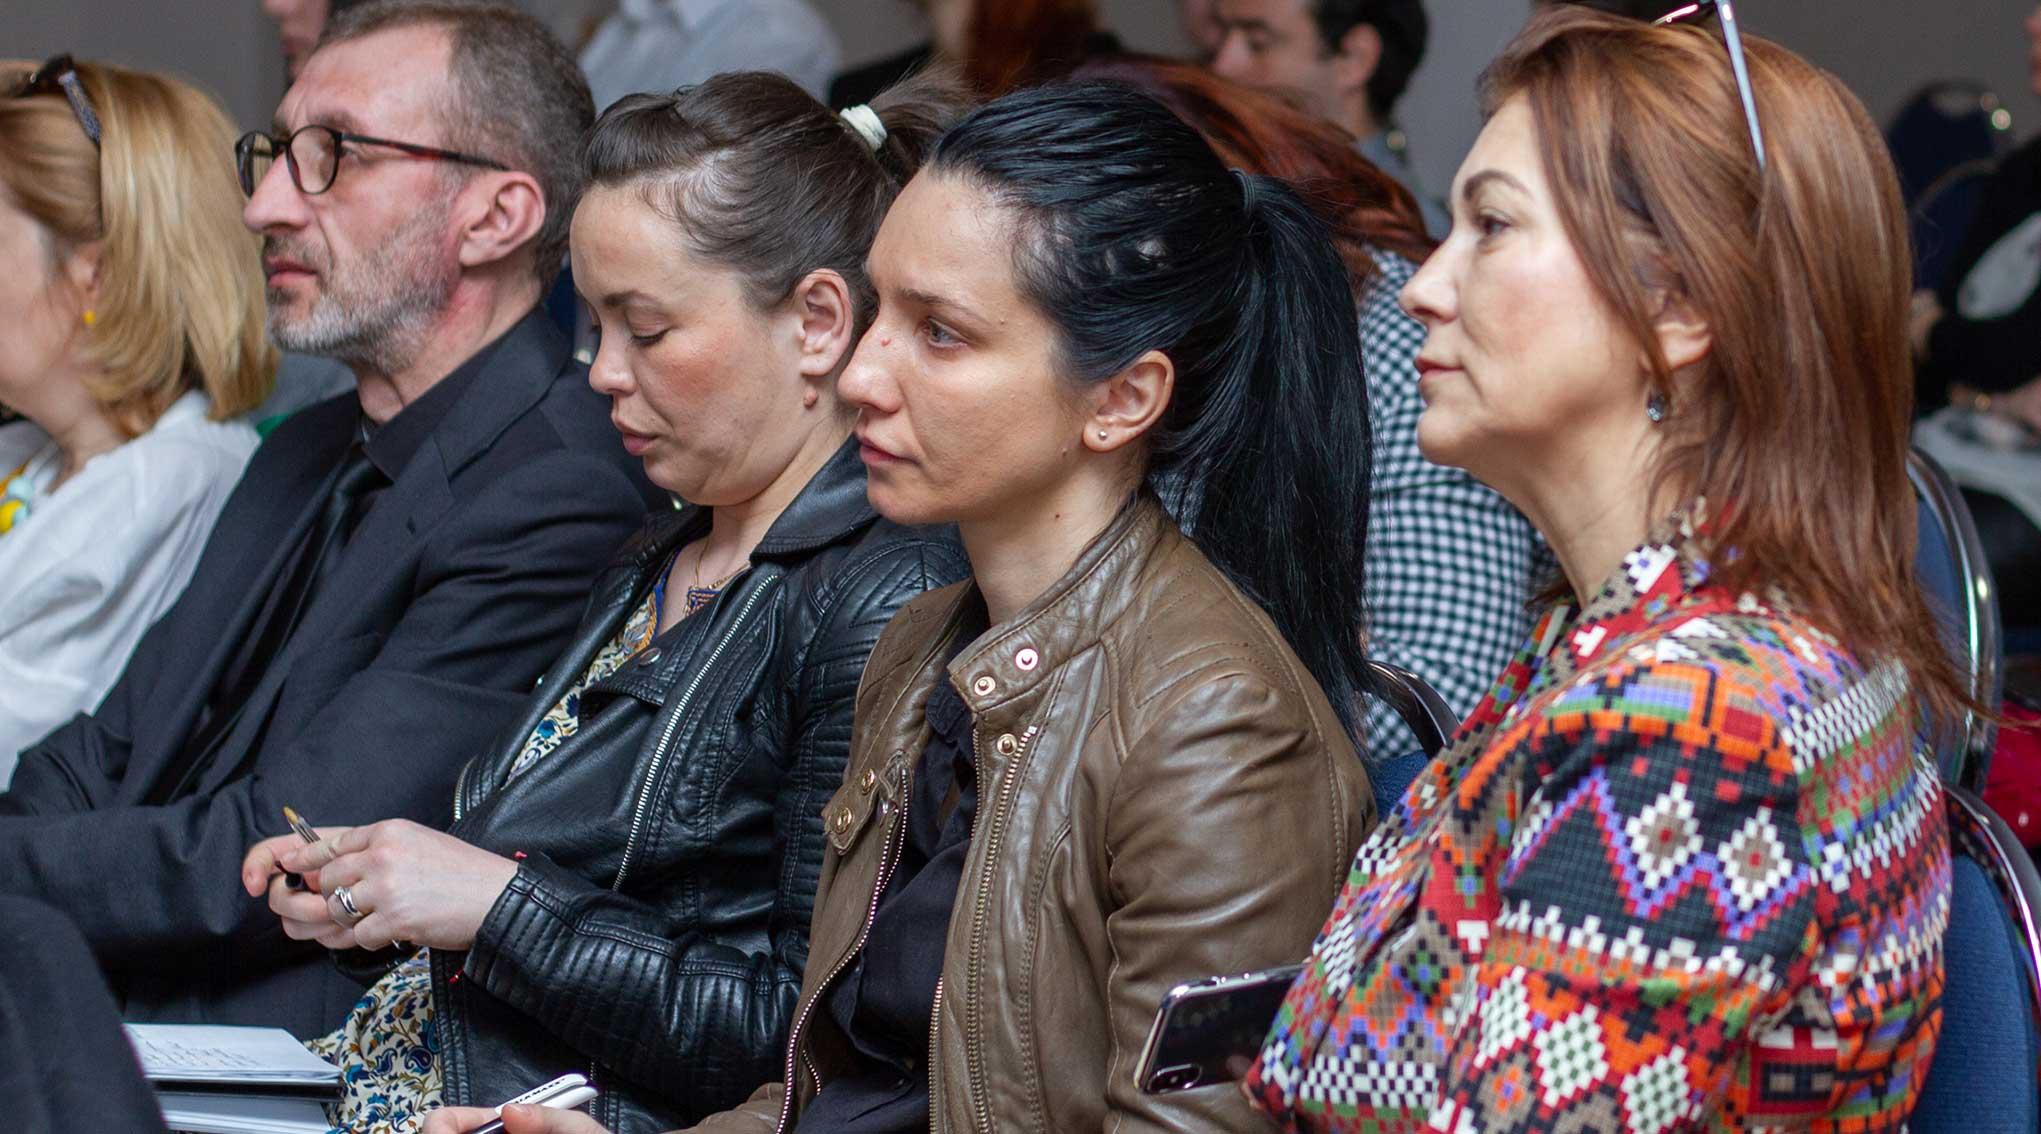 workshop-uri-demonstratii-si-conferinte-marca-atelierele-ilbah-pe-parcursul-a-4-zile-in-cadrul-romexpo-91